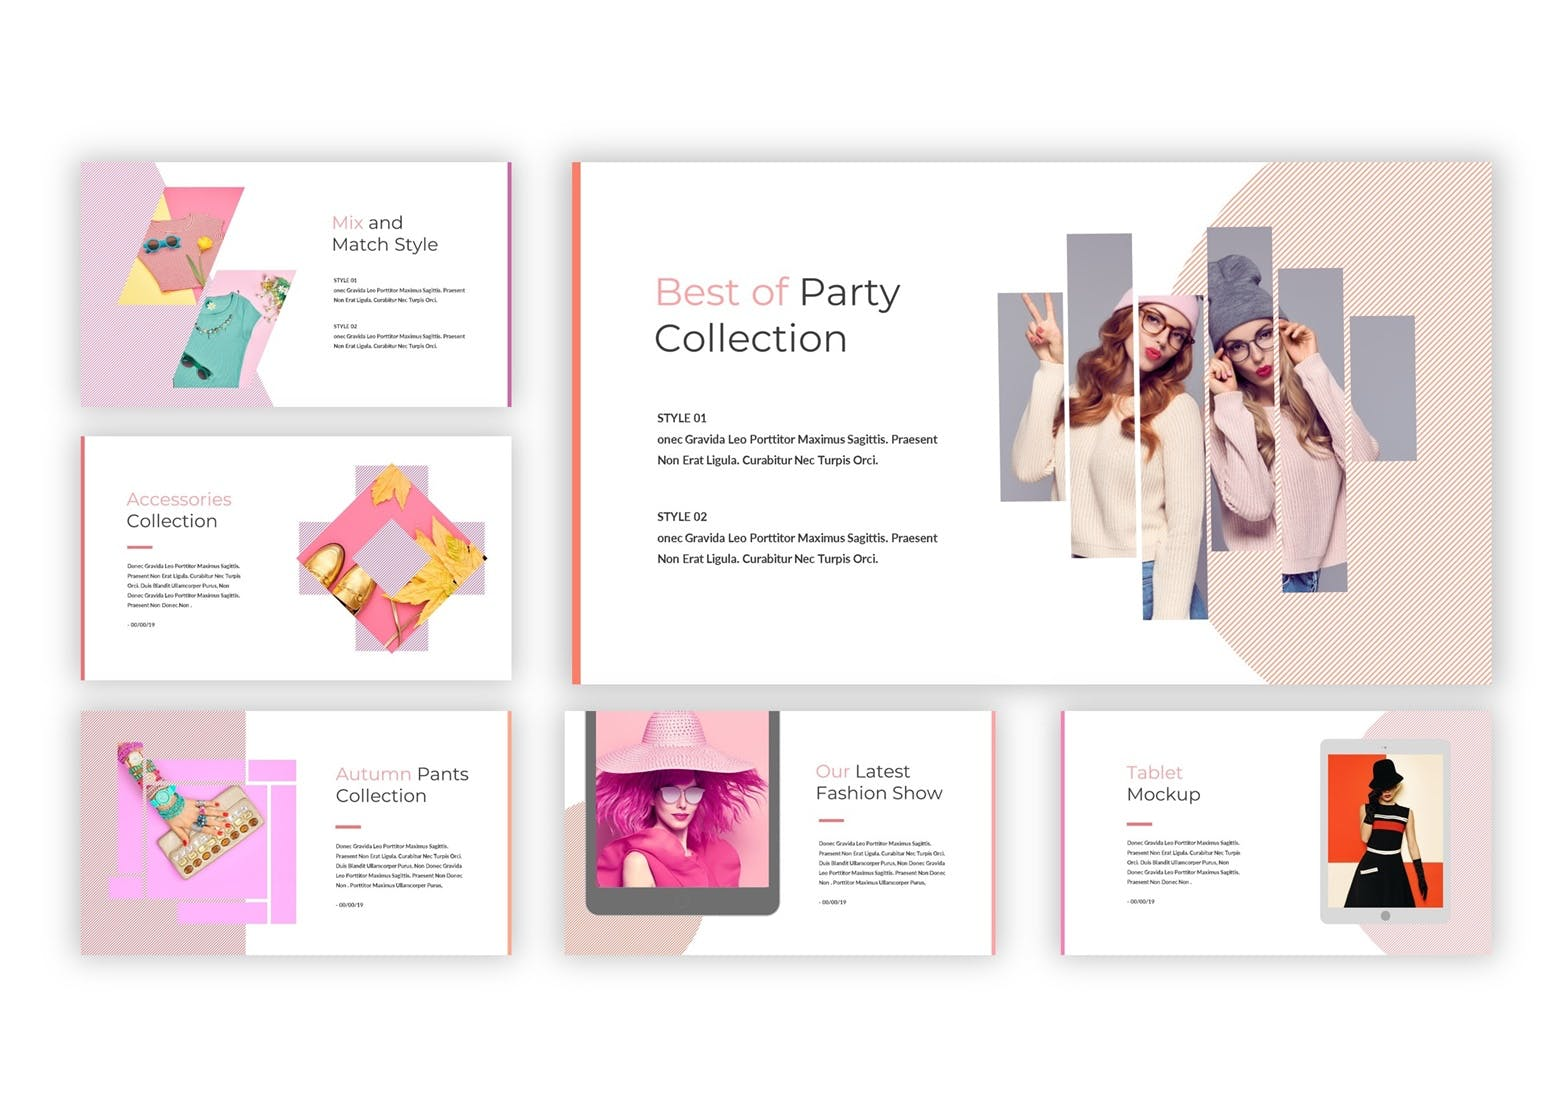 工作汇报ppt模板 粉色时尚女性产品PPT模板  ppt模板 下载设计素材模板